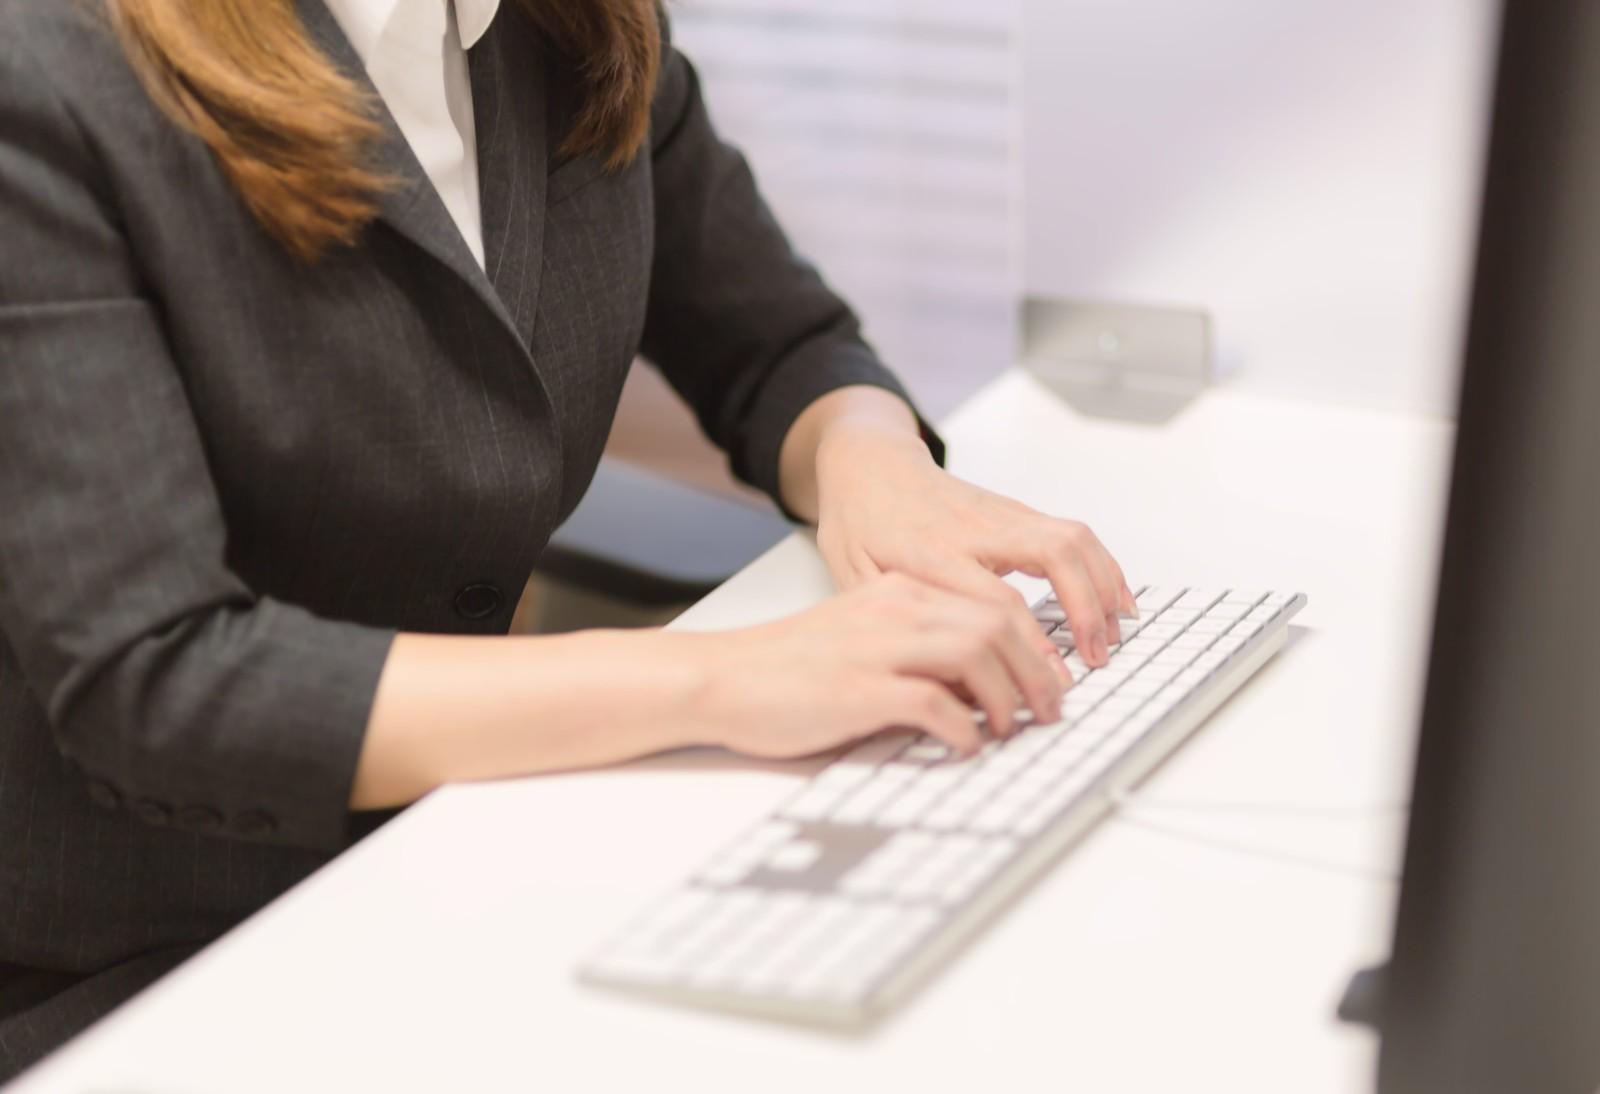 派遣社員として働いている人や直接雇用の実態。無期雇用を望む人はかなり多い。